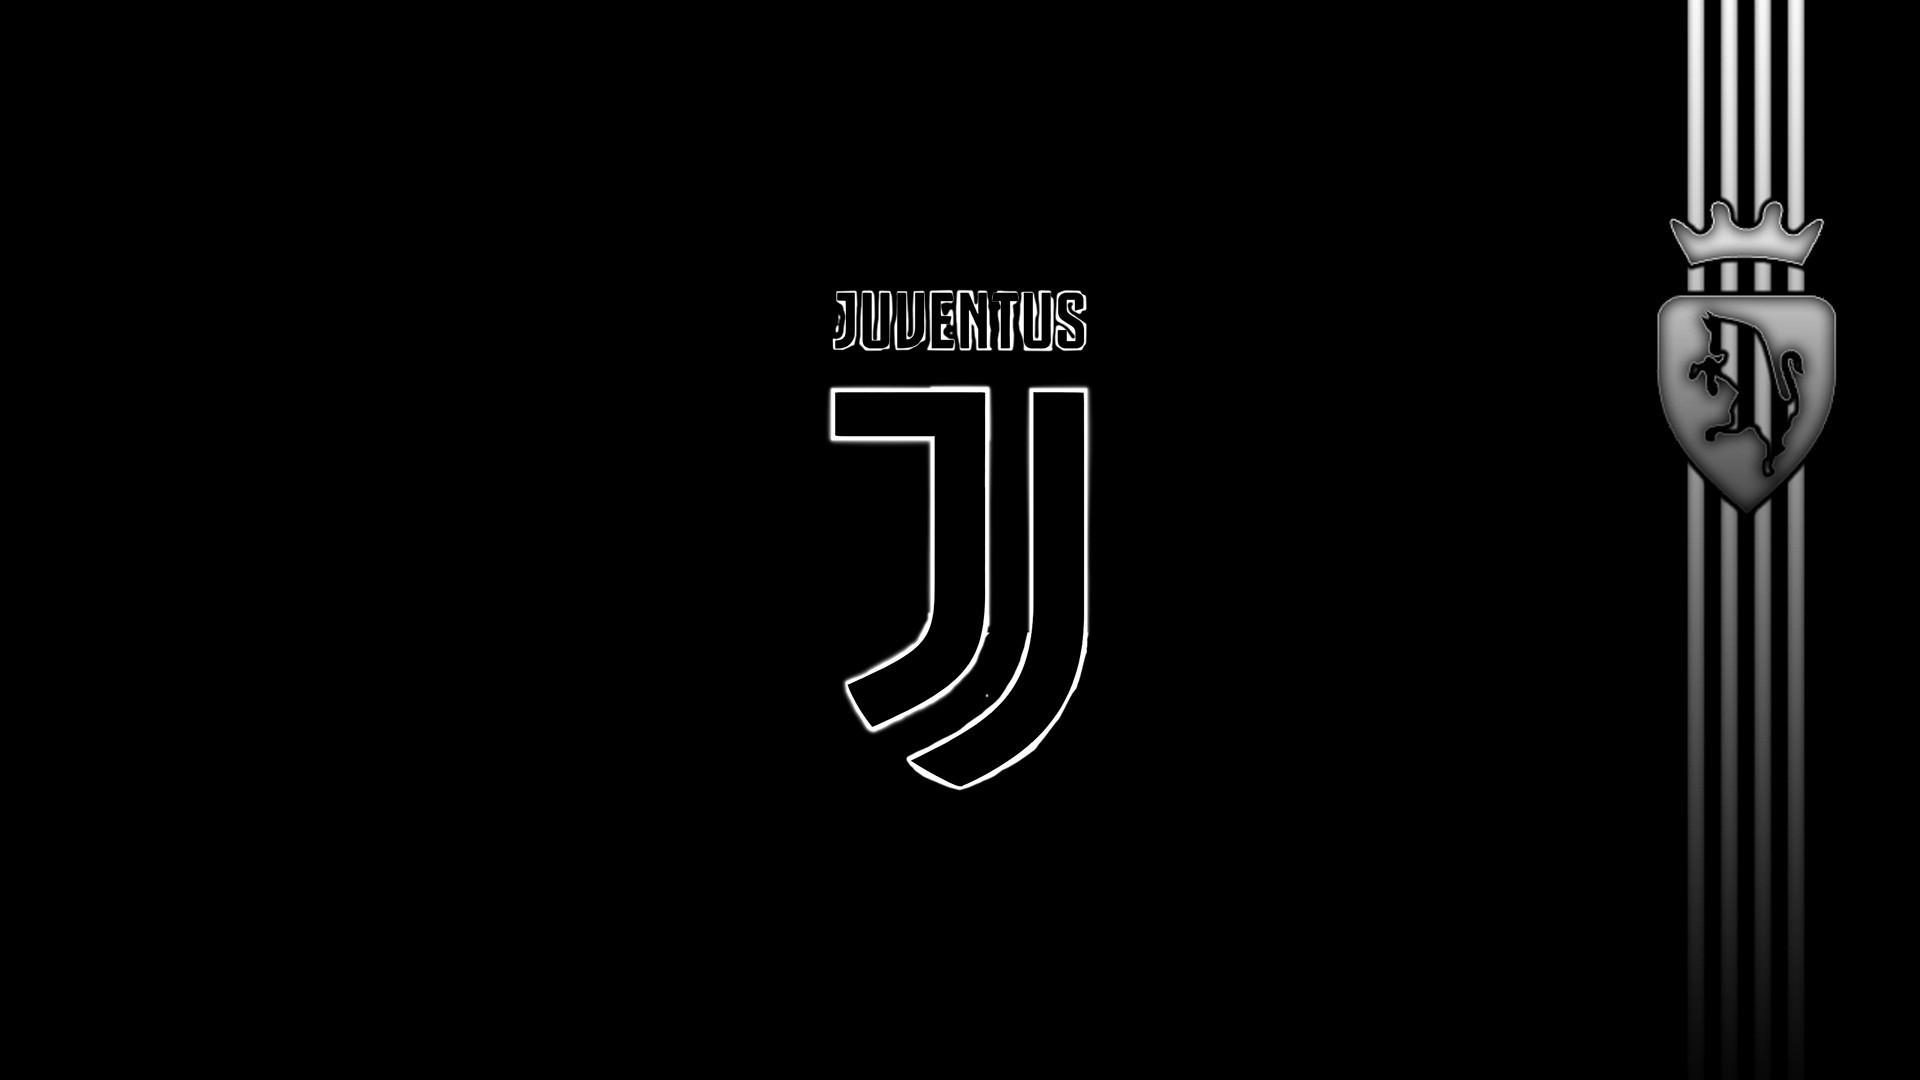 Juventus Wallpapers 18 Images Wallpaperboat